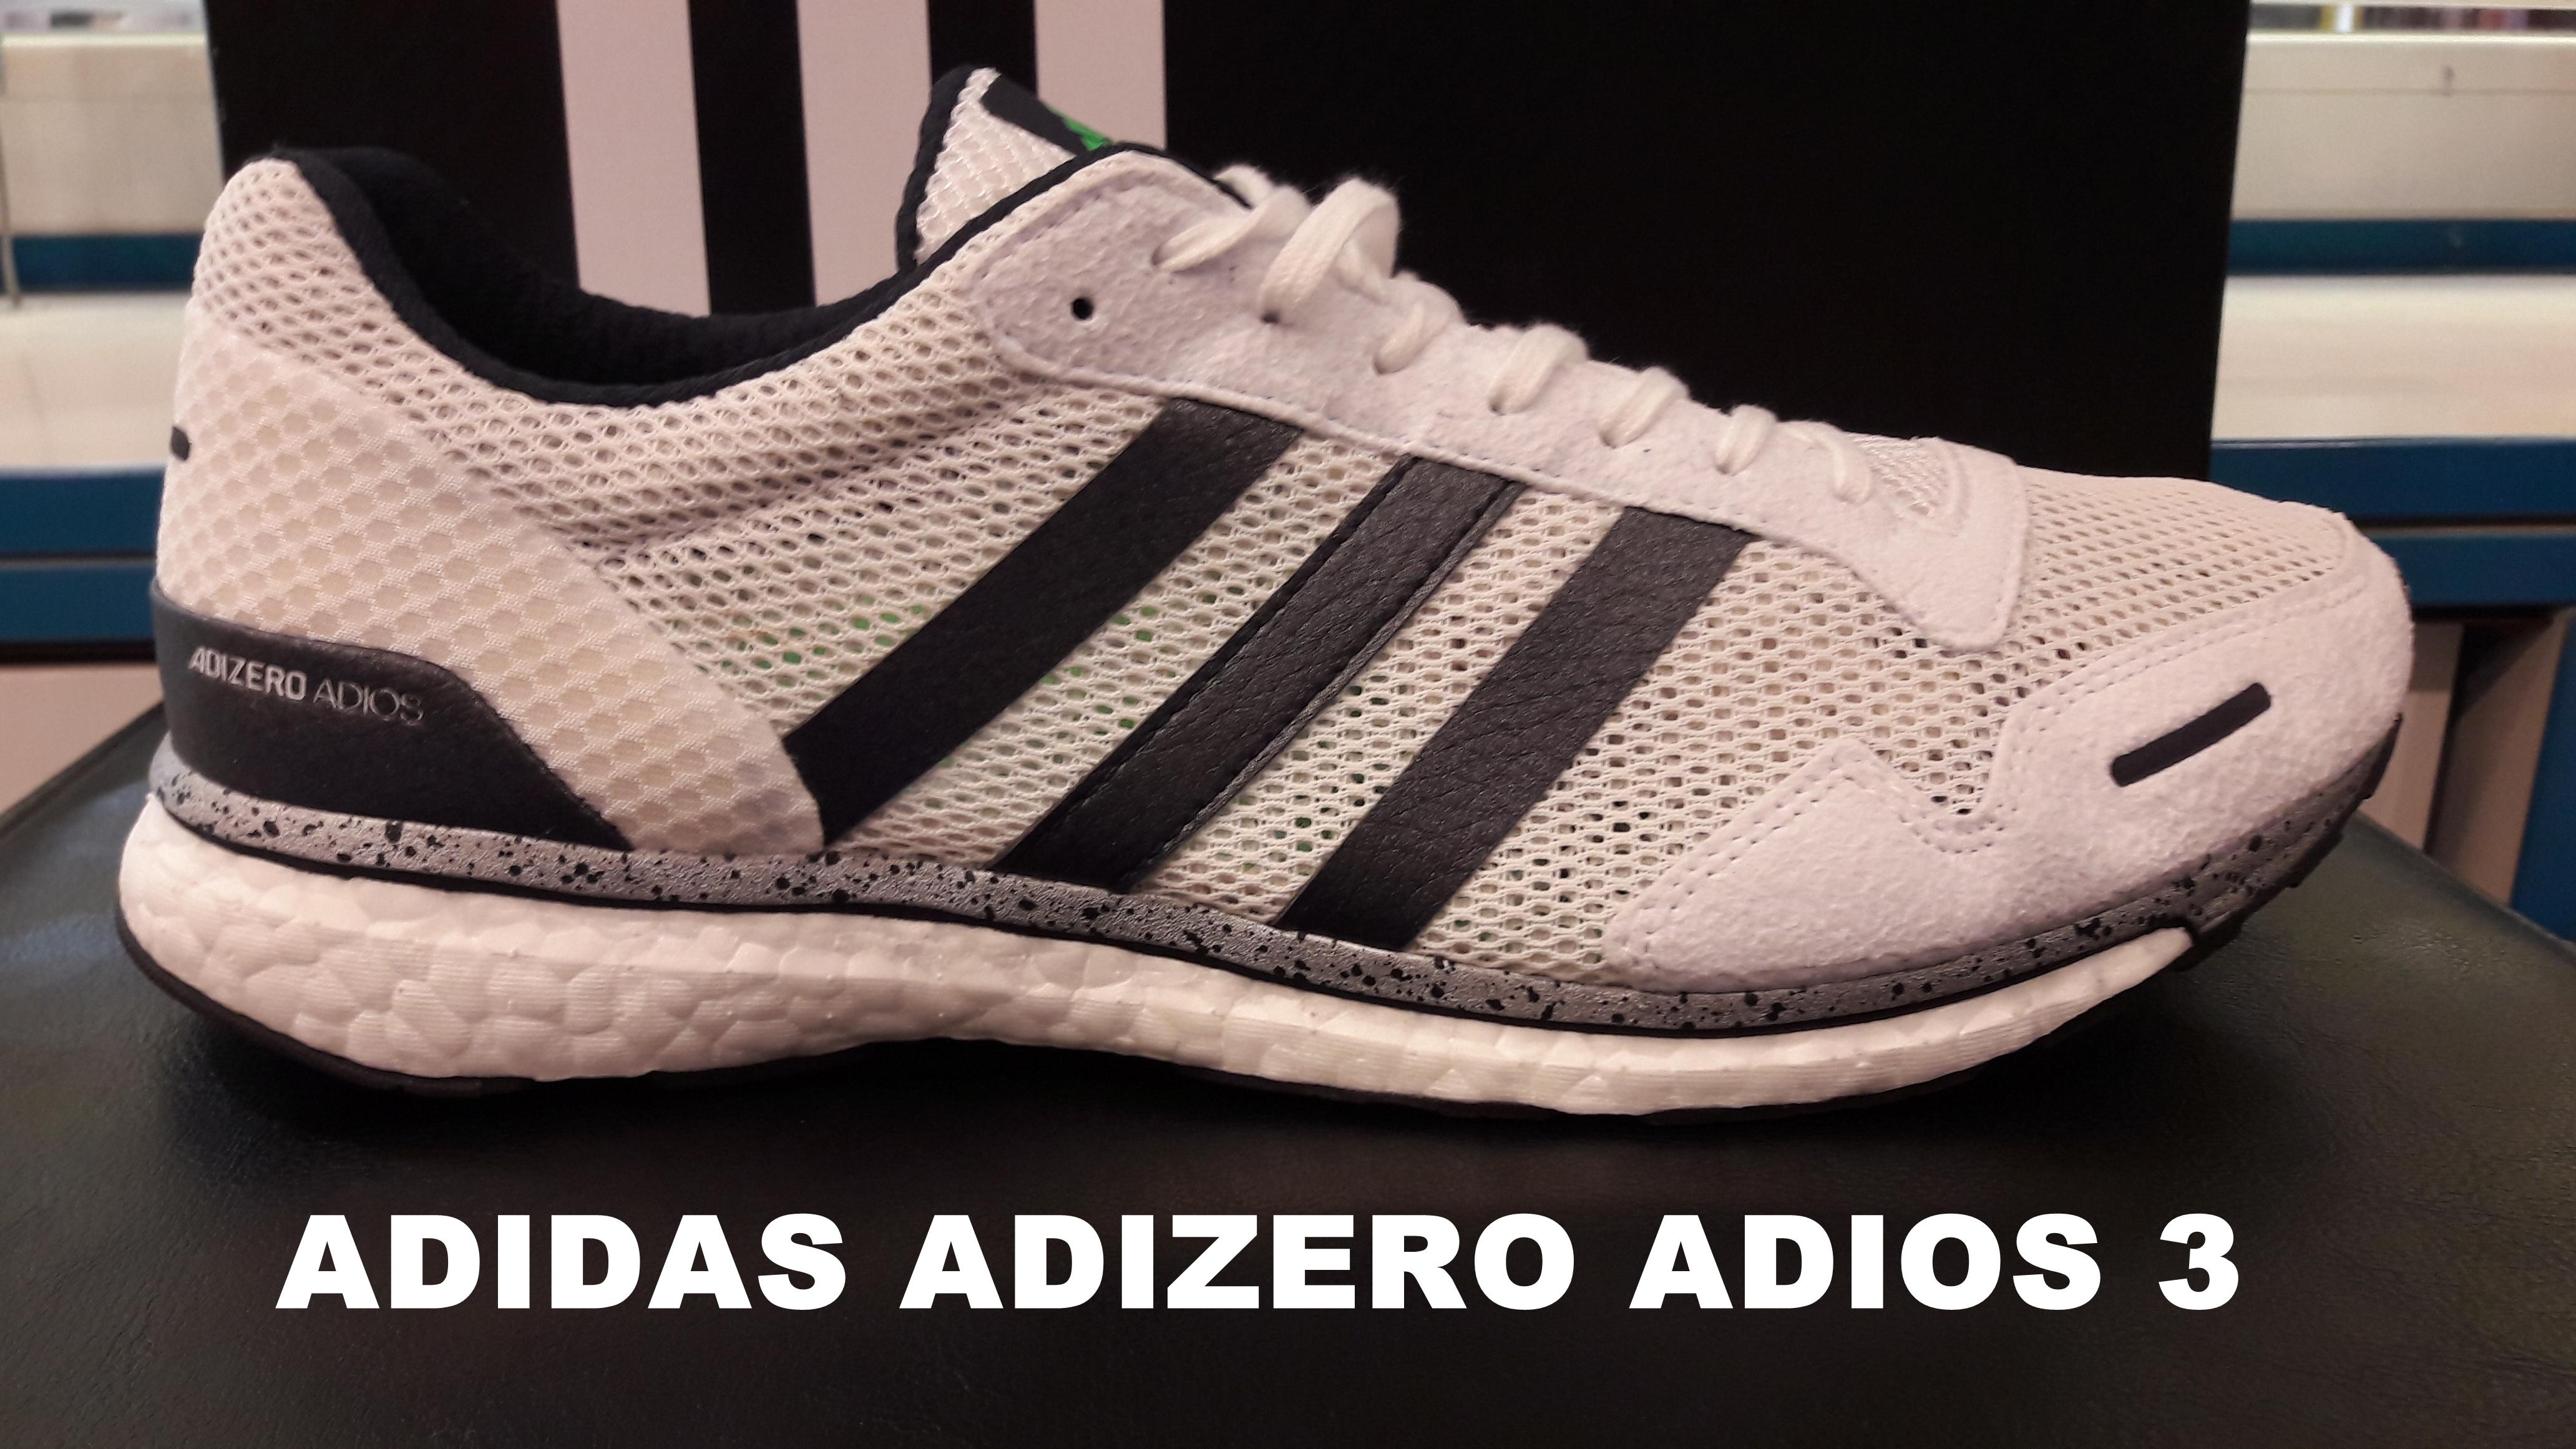 big sale 2e9cf 33034 La Adidas Adizero Adios 3 continúa extendiendo su reinado. A día de hoy,  todas las categorías de zapatillas de running tienen un nivel de  competencia que no ...